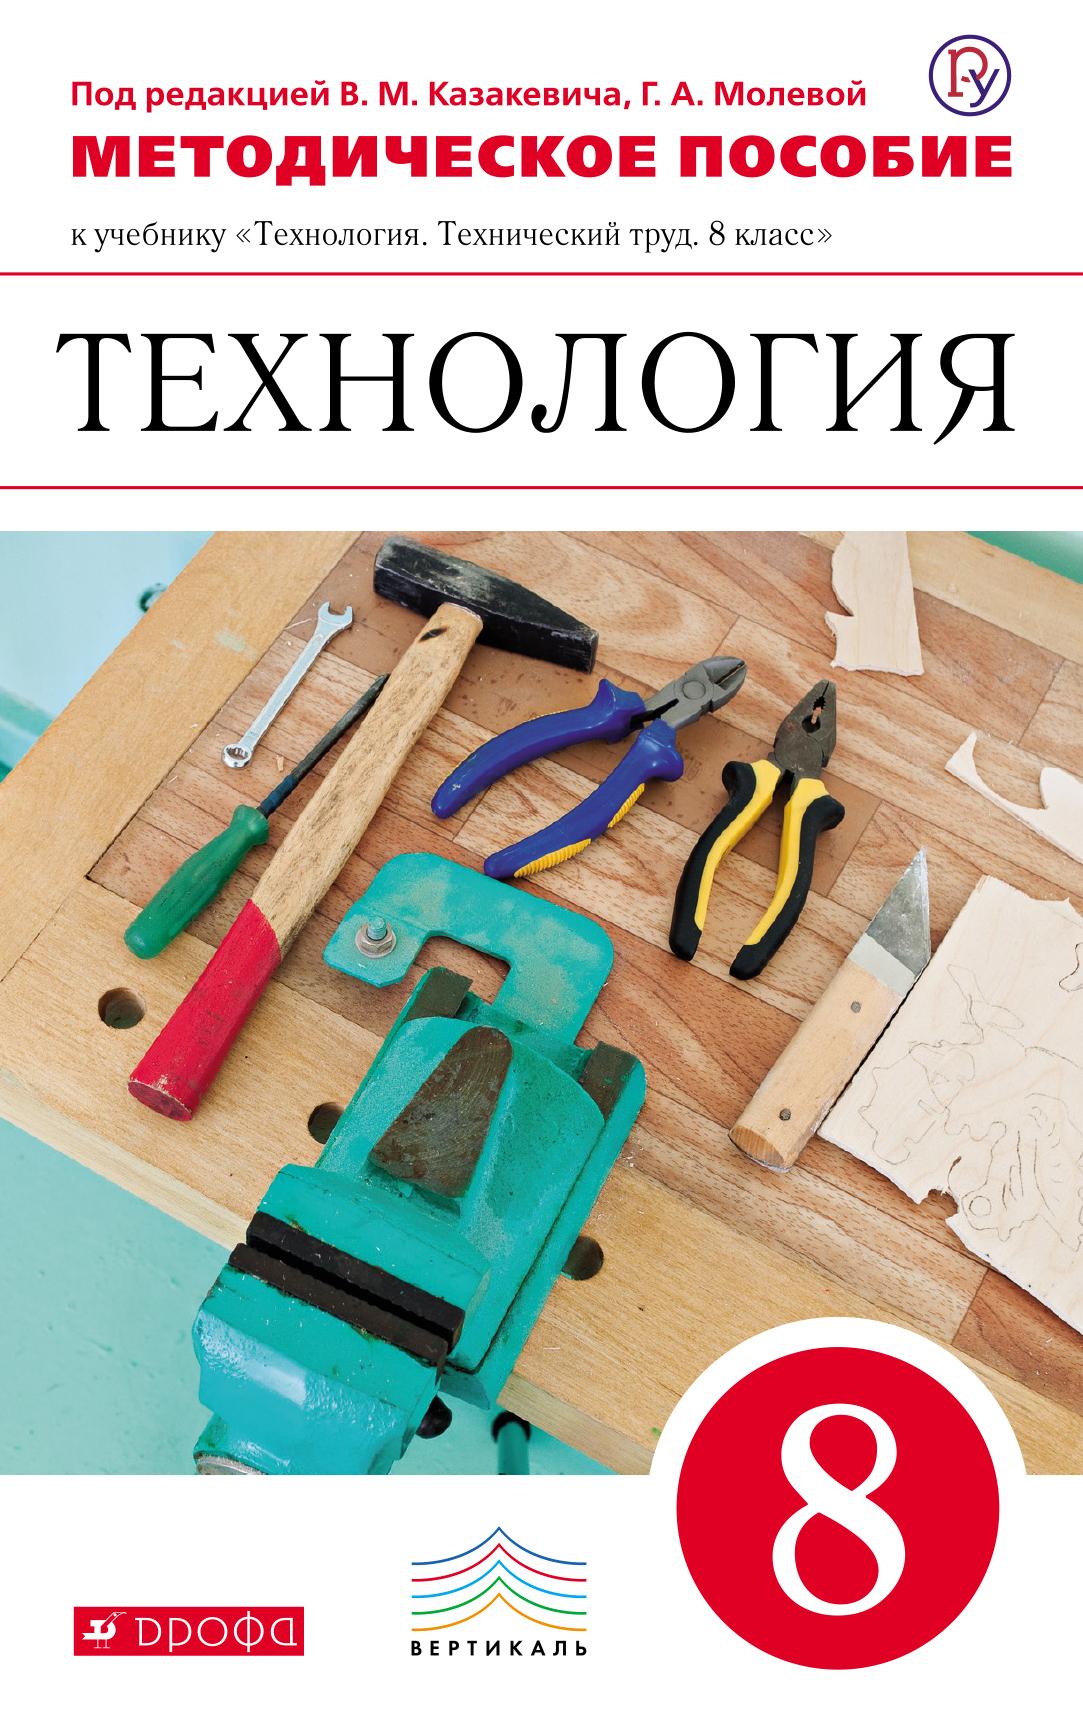 Казакеич .М., Молеа Г.А. Технология. труд. 8 класс. Методическое пособие